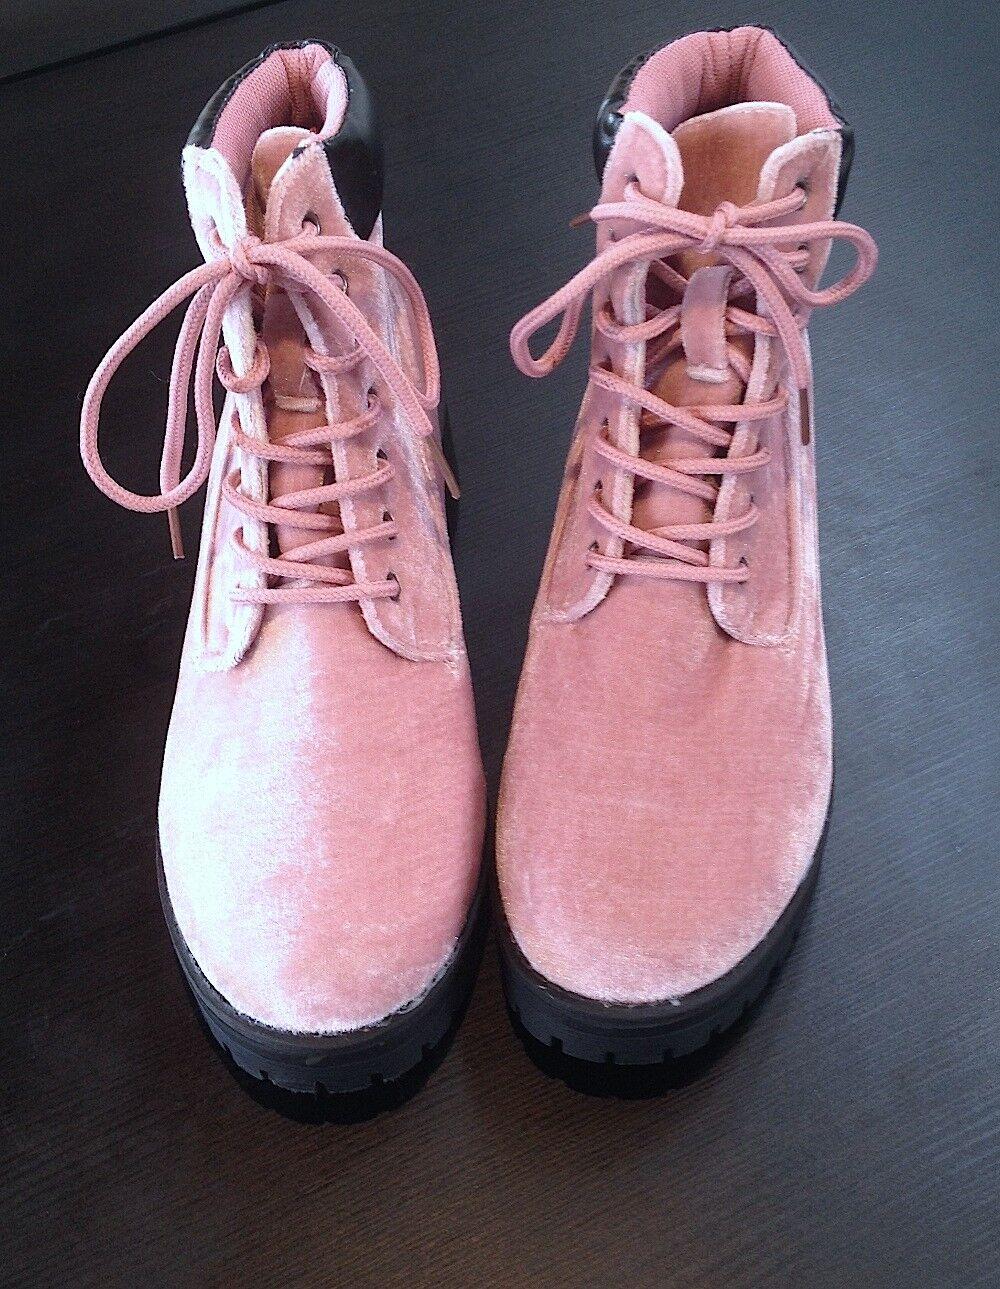 Gina Cordones Group rosado Pastel terciopelo Con Cordones Gina botas Cortas-Para Mujer 728364